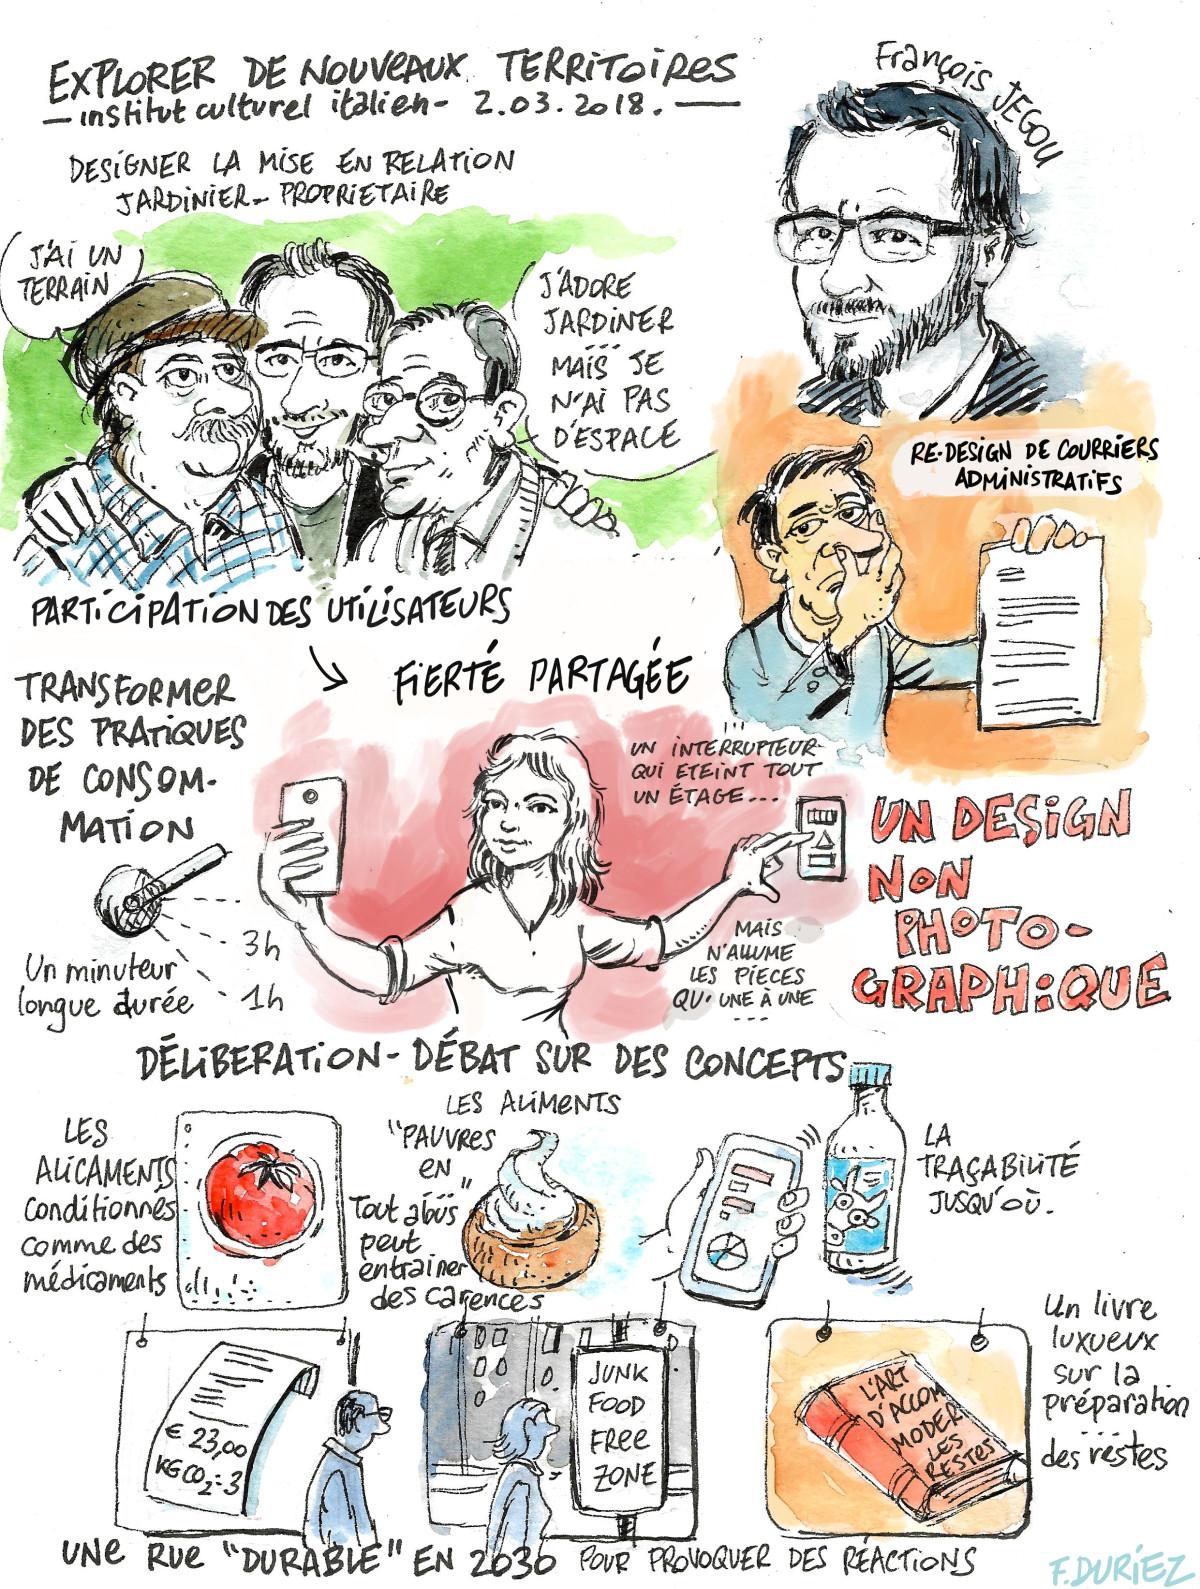 François Jegou et les nouveaux territoires du design